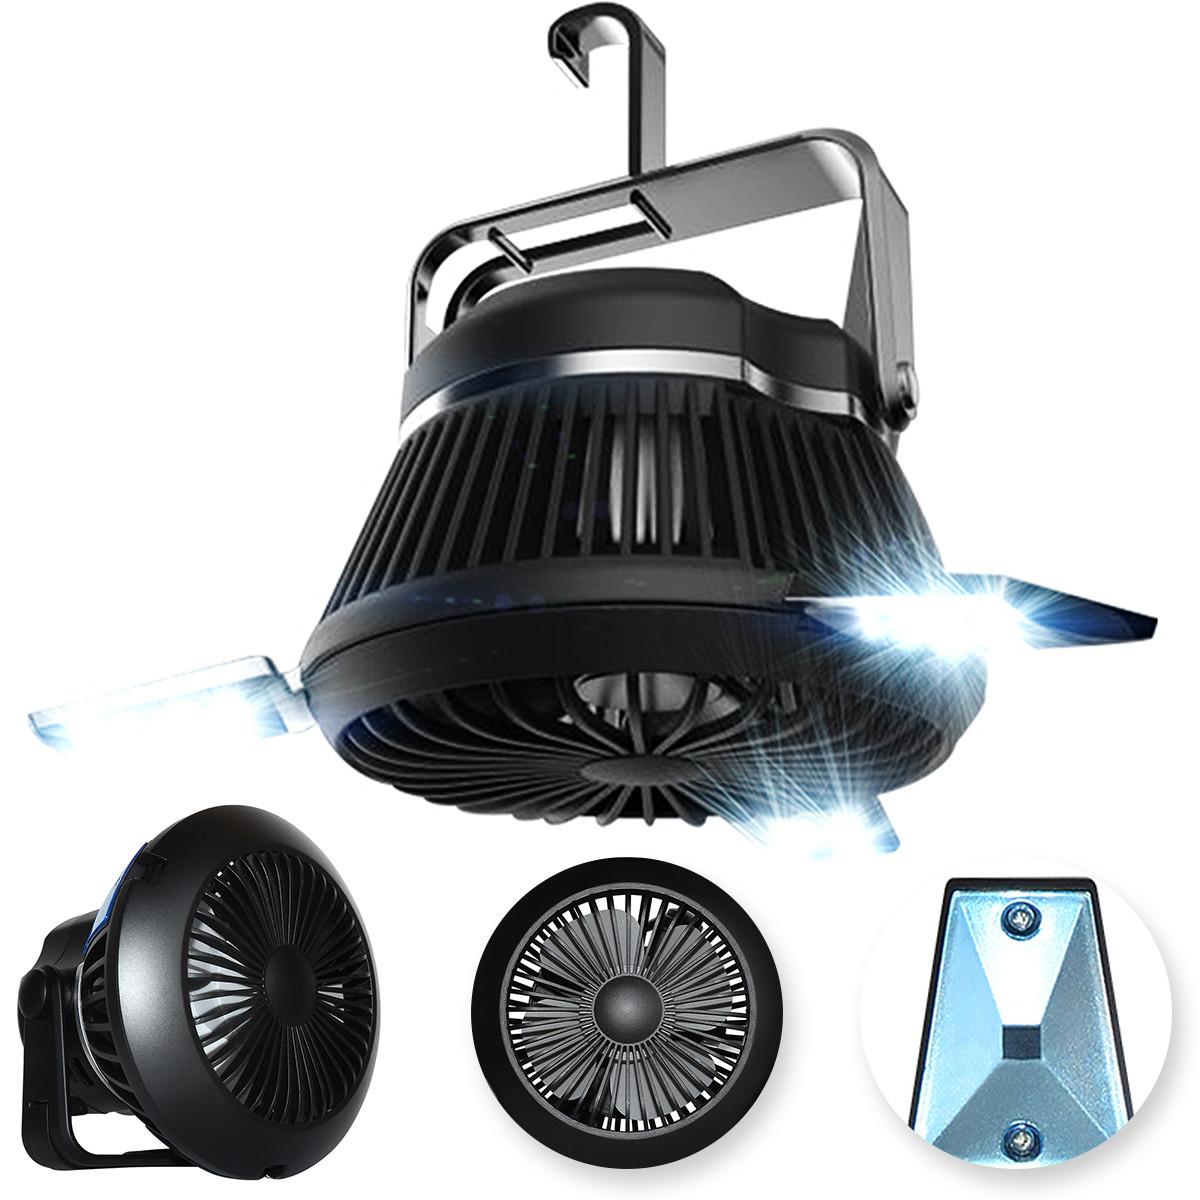 Lampa LED zewnętrzna solarna 4w1 FS0001